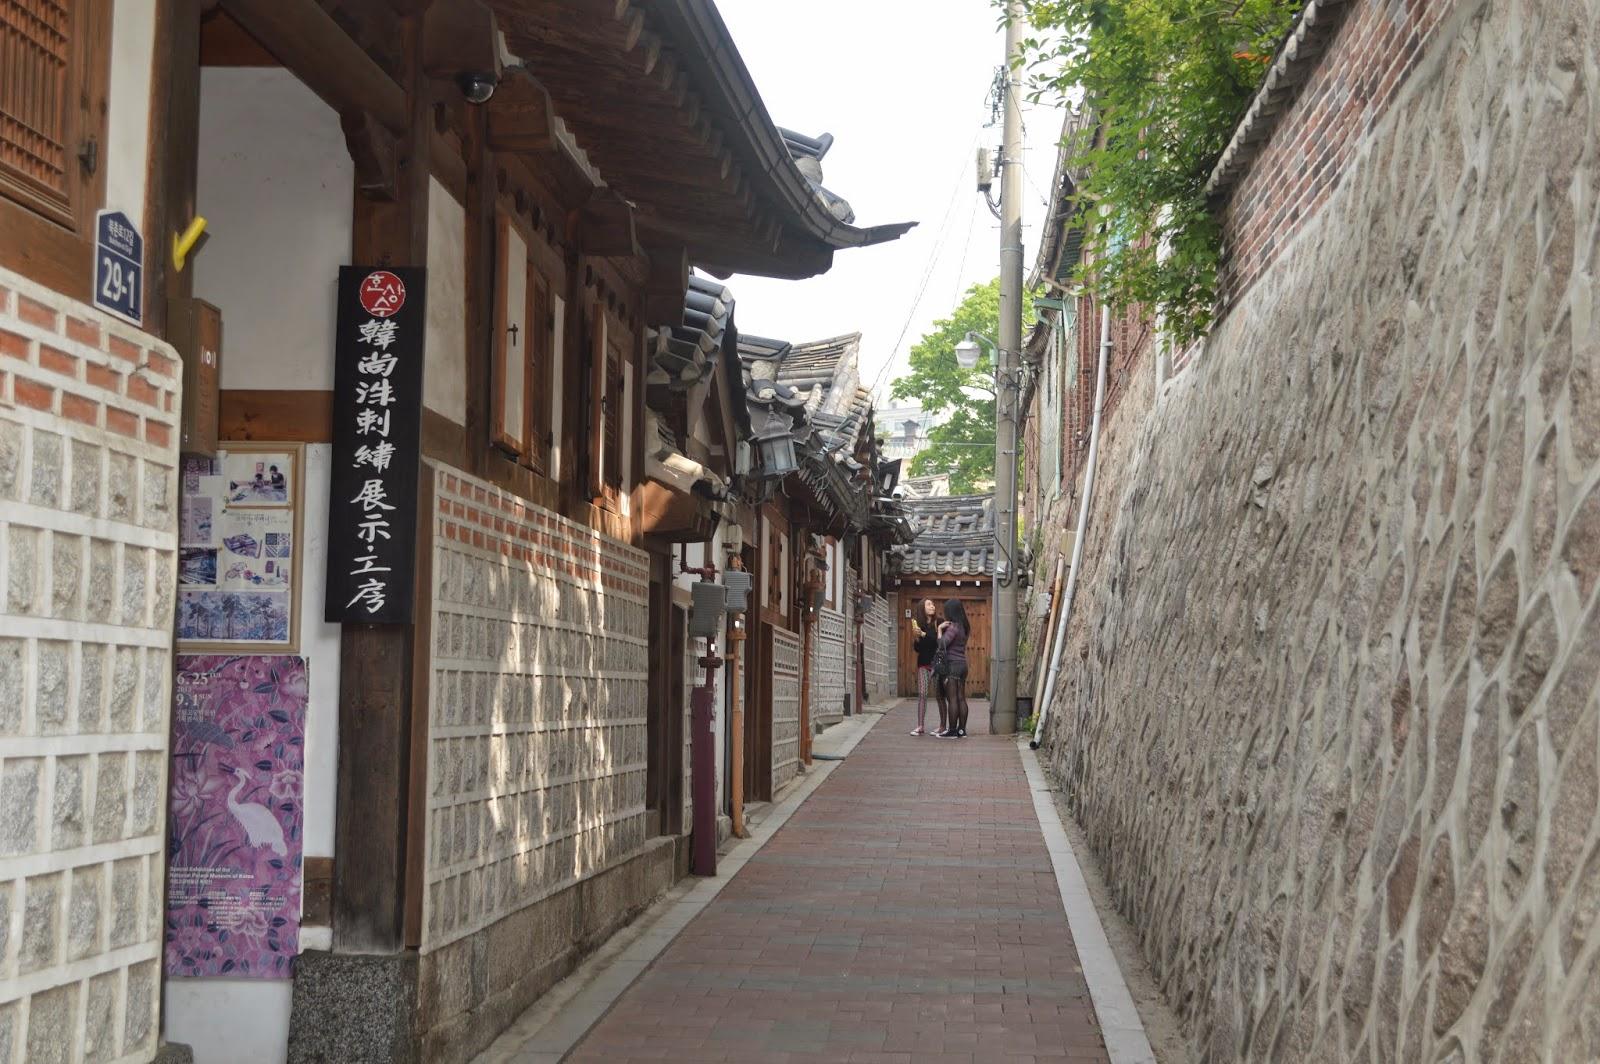 bercuti ke seoul korea